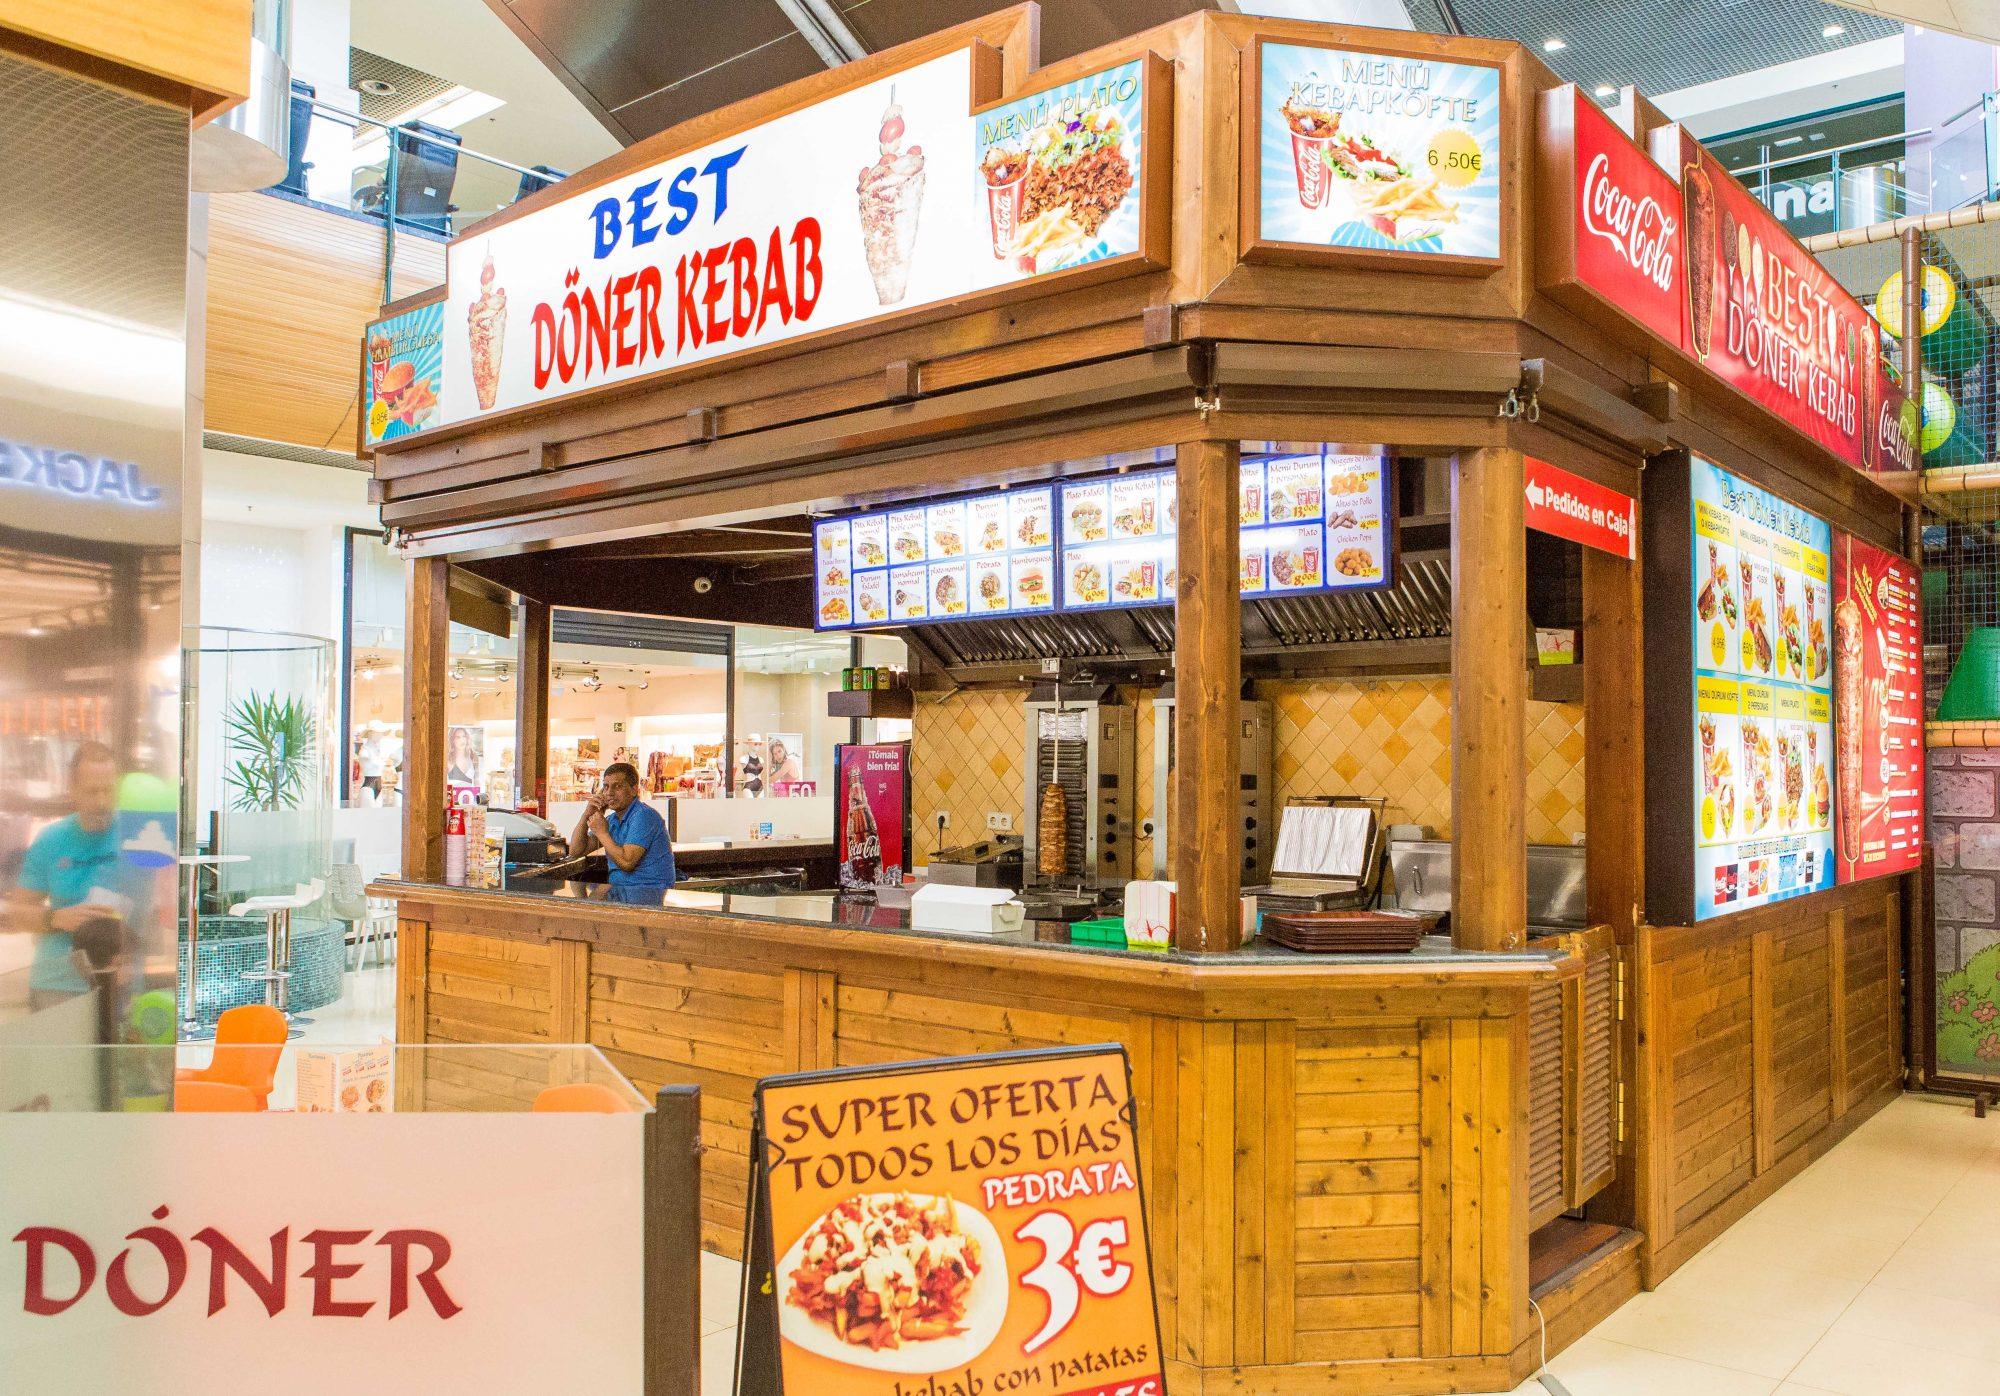 Best Doner Kebab